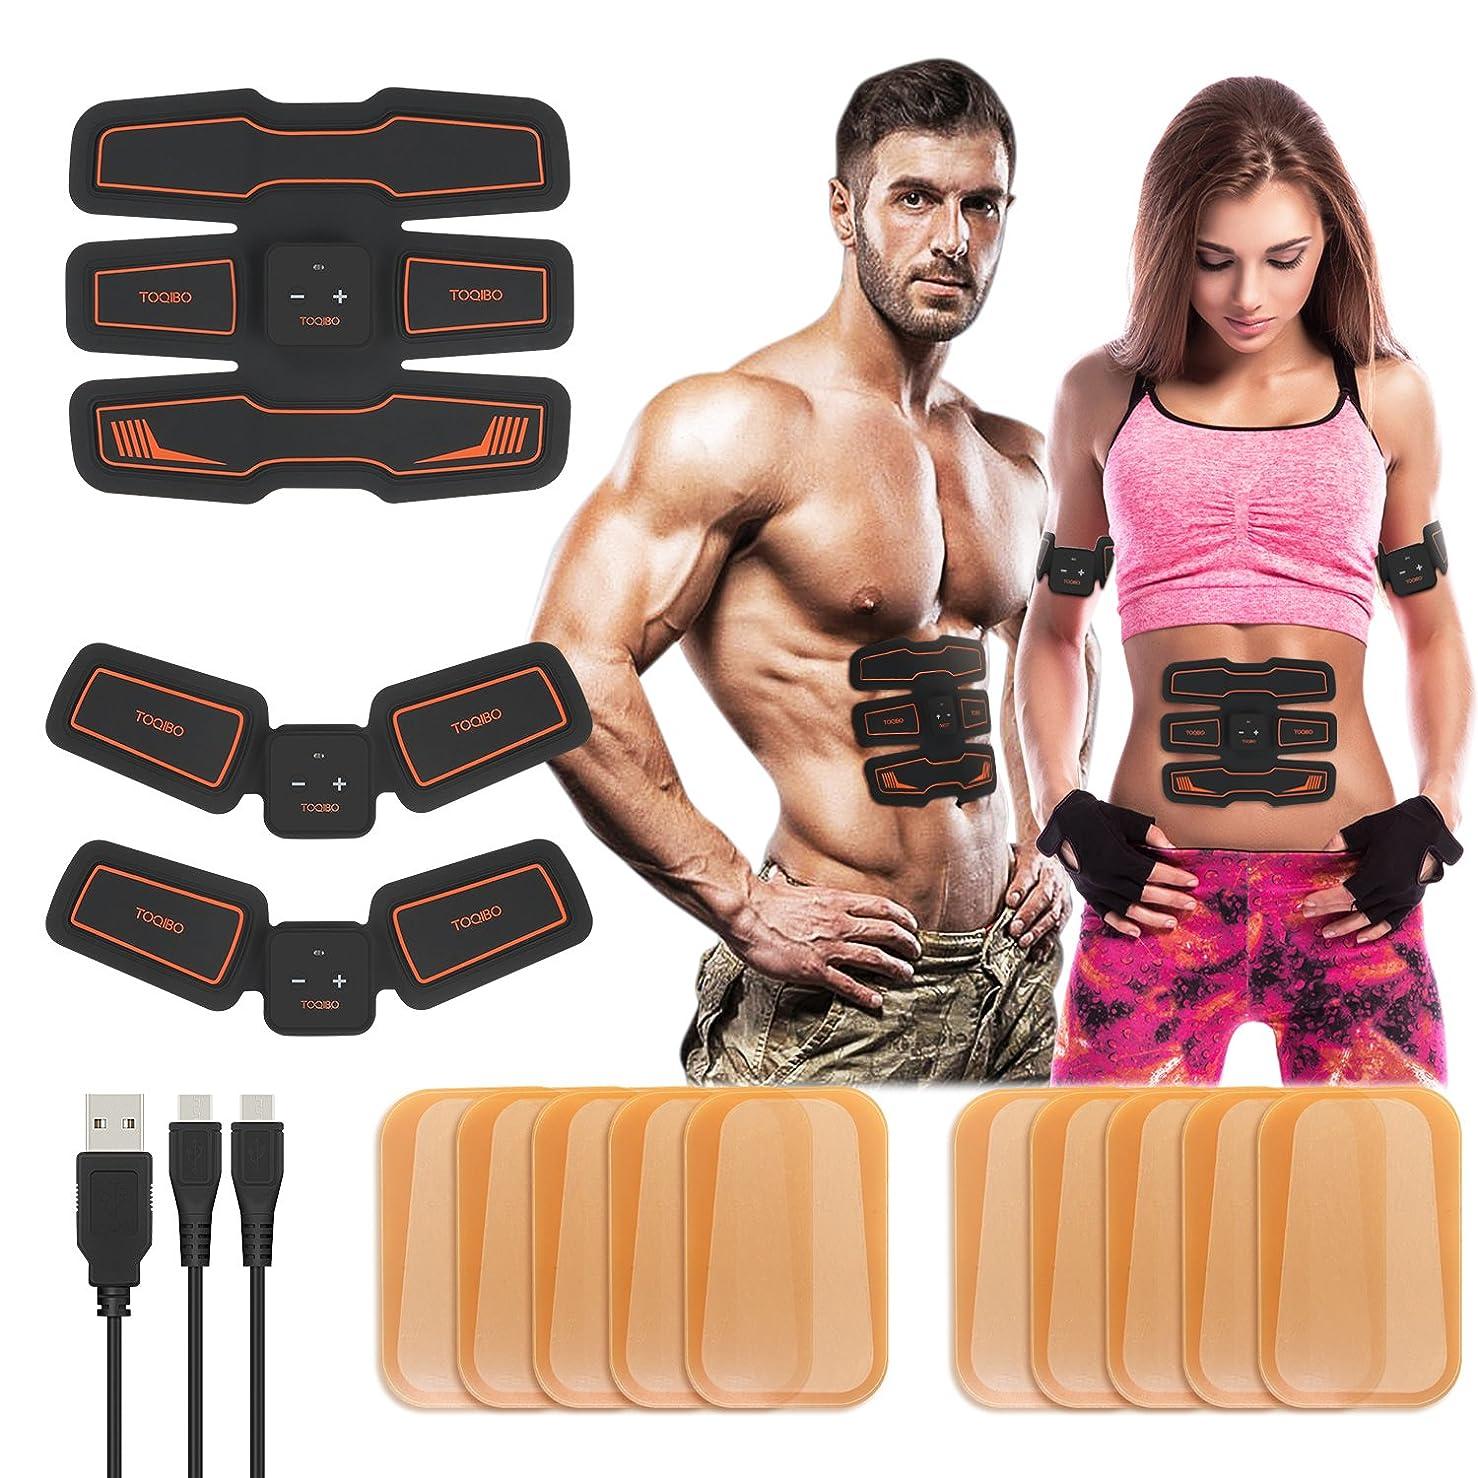 壊れた速い悪魔ems腹筋ベルト腹筋トレーニング 15段階調節 腹筋器具 6つモード USB充電式 ダイエット器具 トレーニング器具 男女兼用